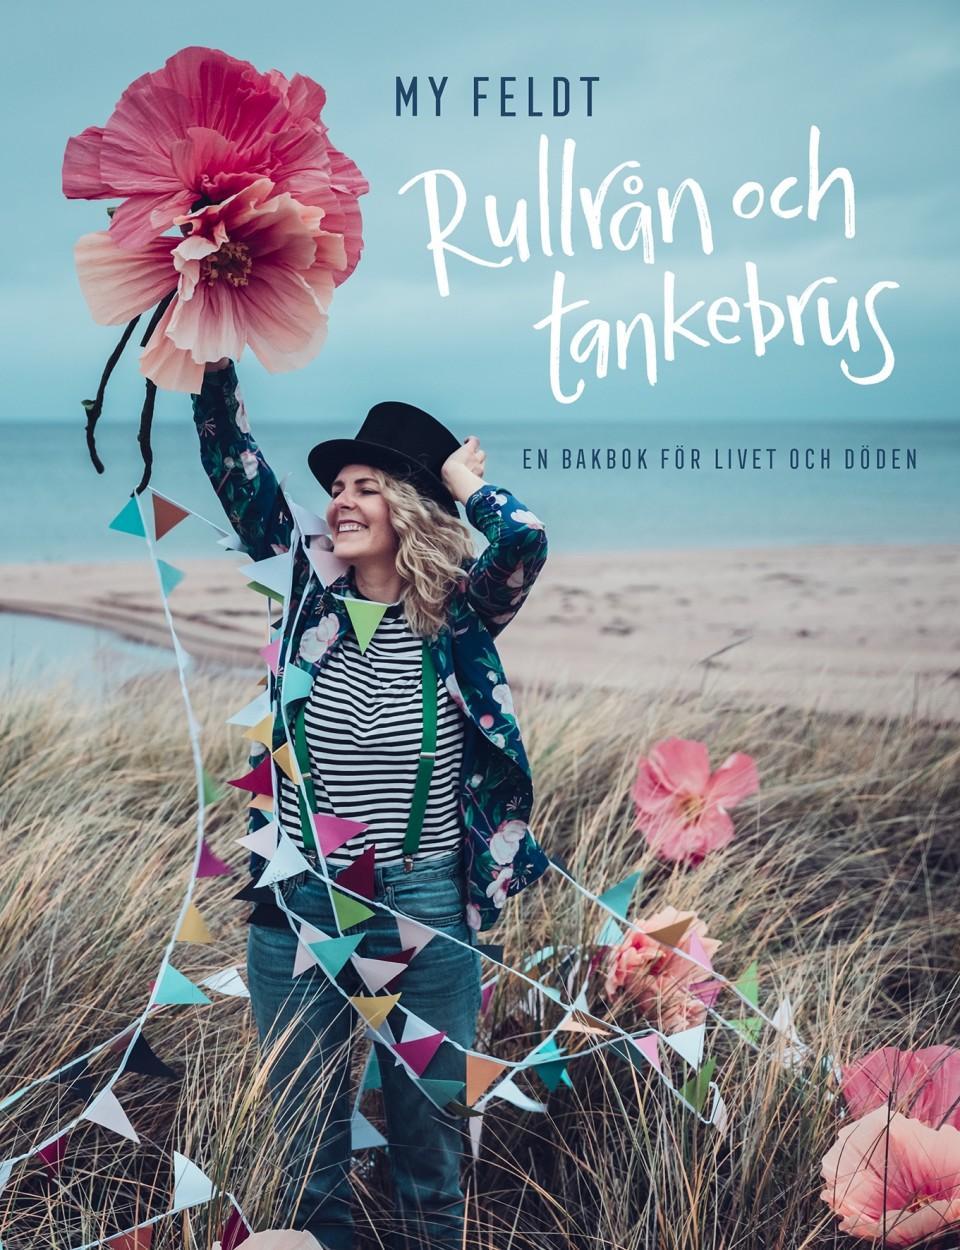 Bokomslag till boken Rullrån och tankebrus av My Feldt